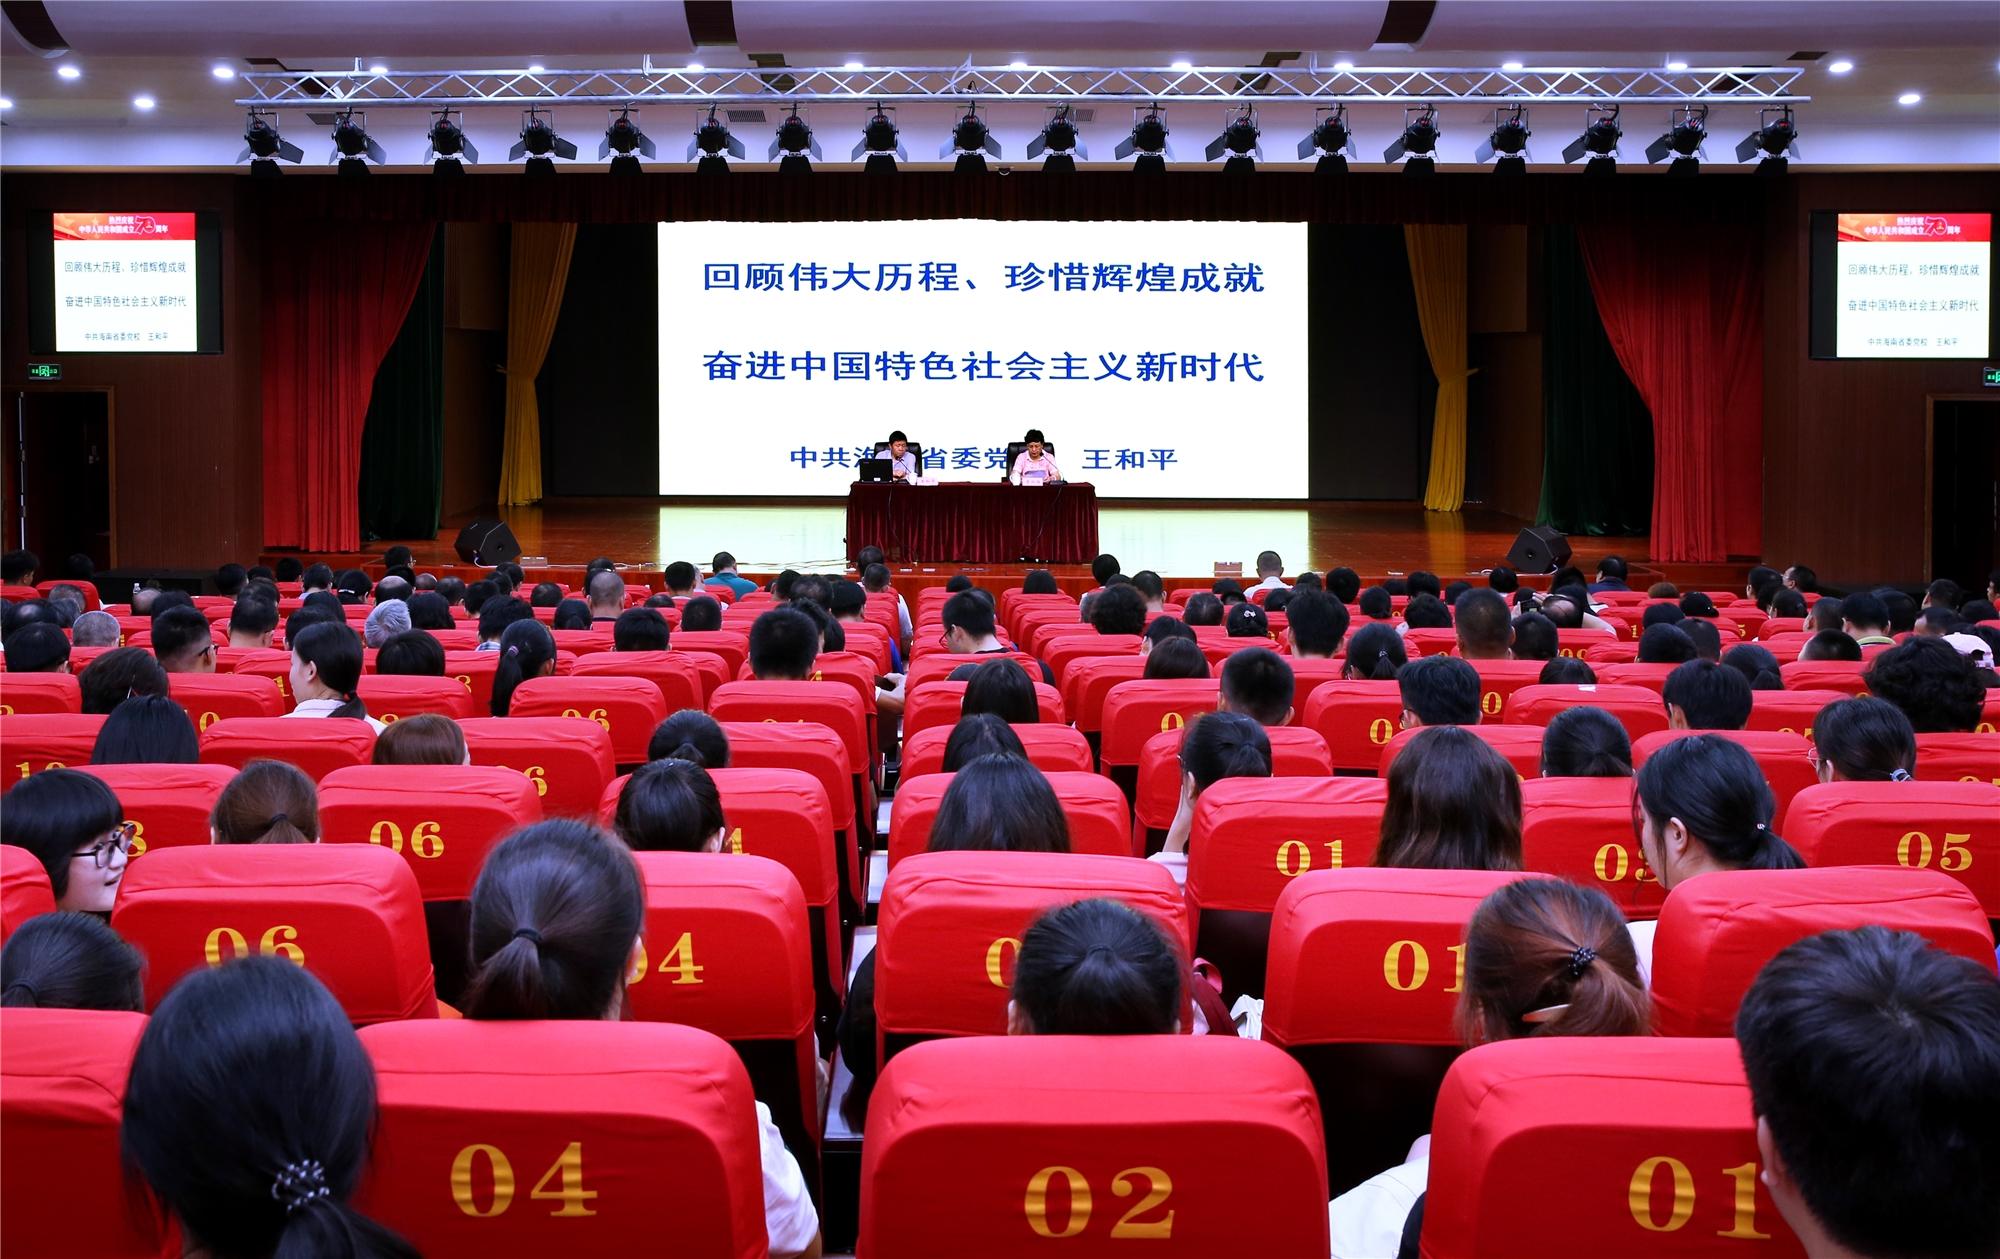 新澳门萄京娱乐场官网在举办《回顾伟大历程 珍惜辉煌成就 奋进中国特色社会主义新时代》的专题报告会